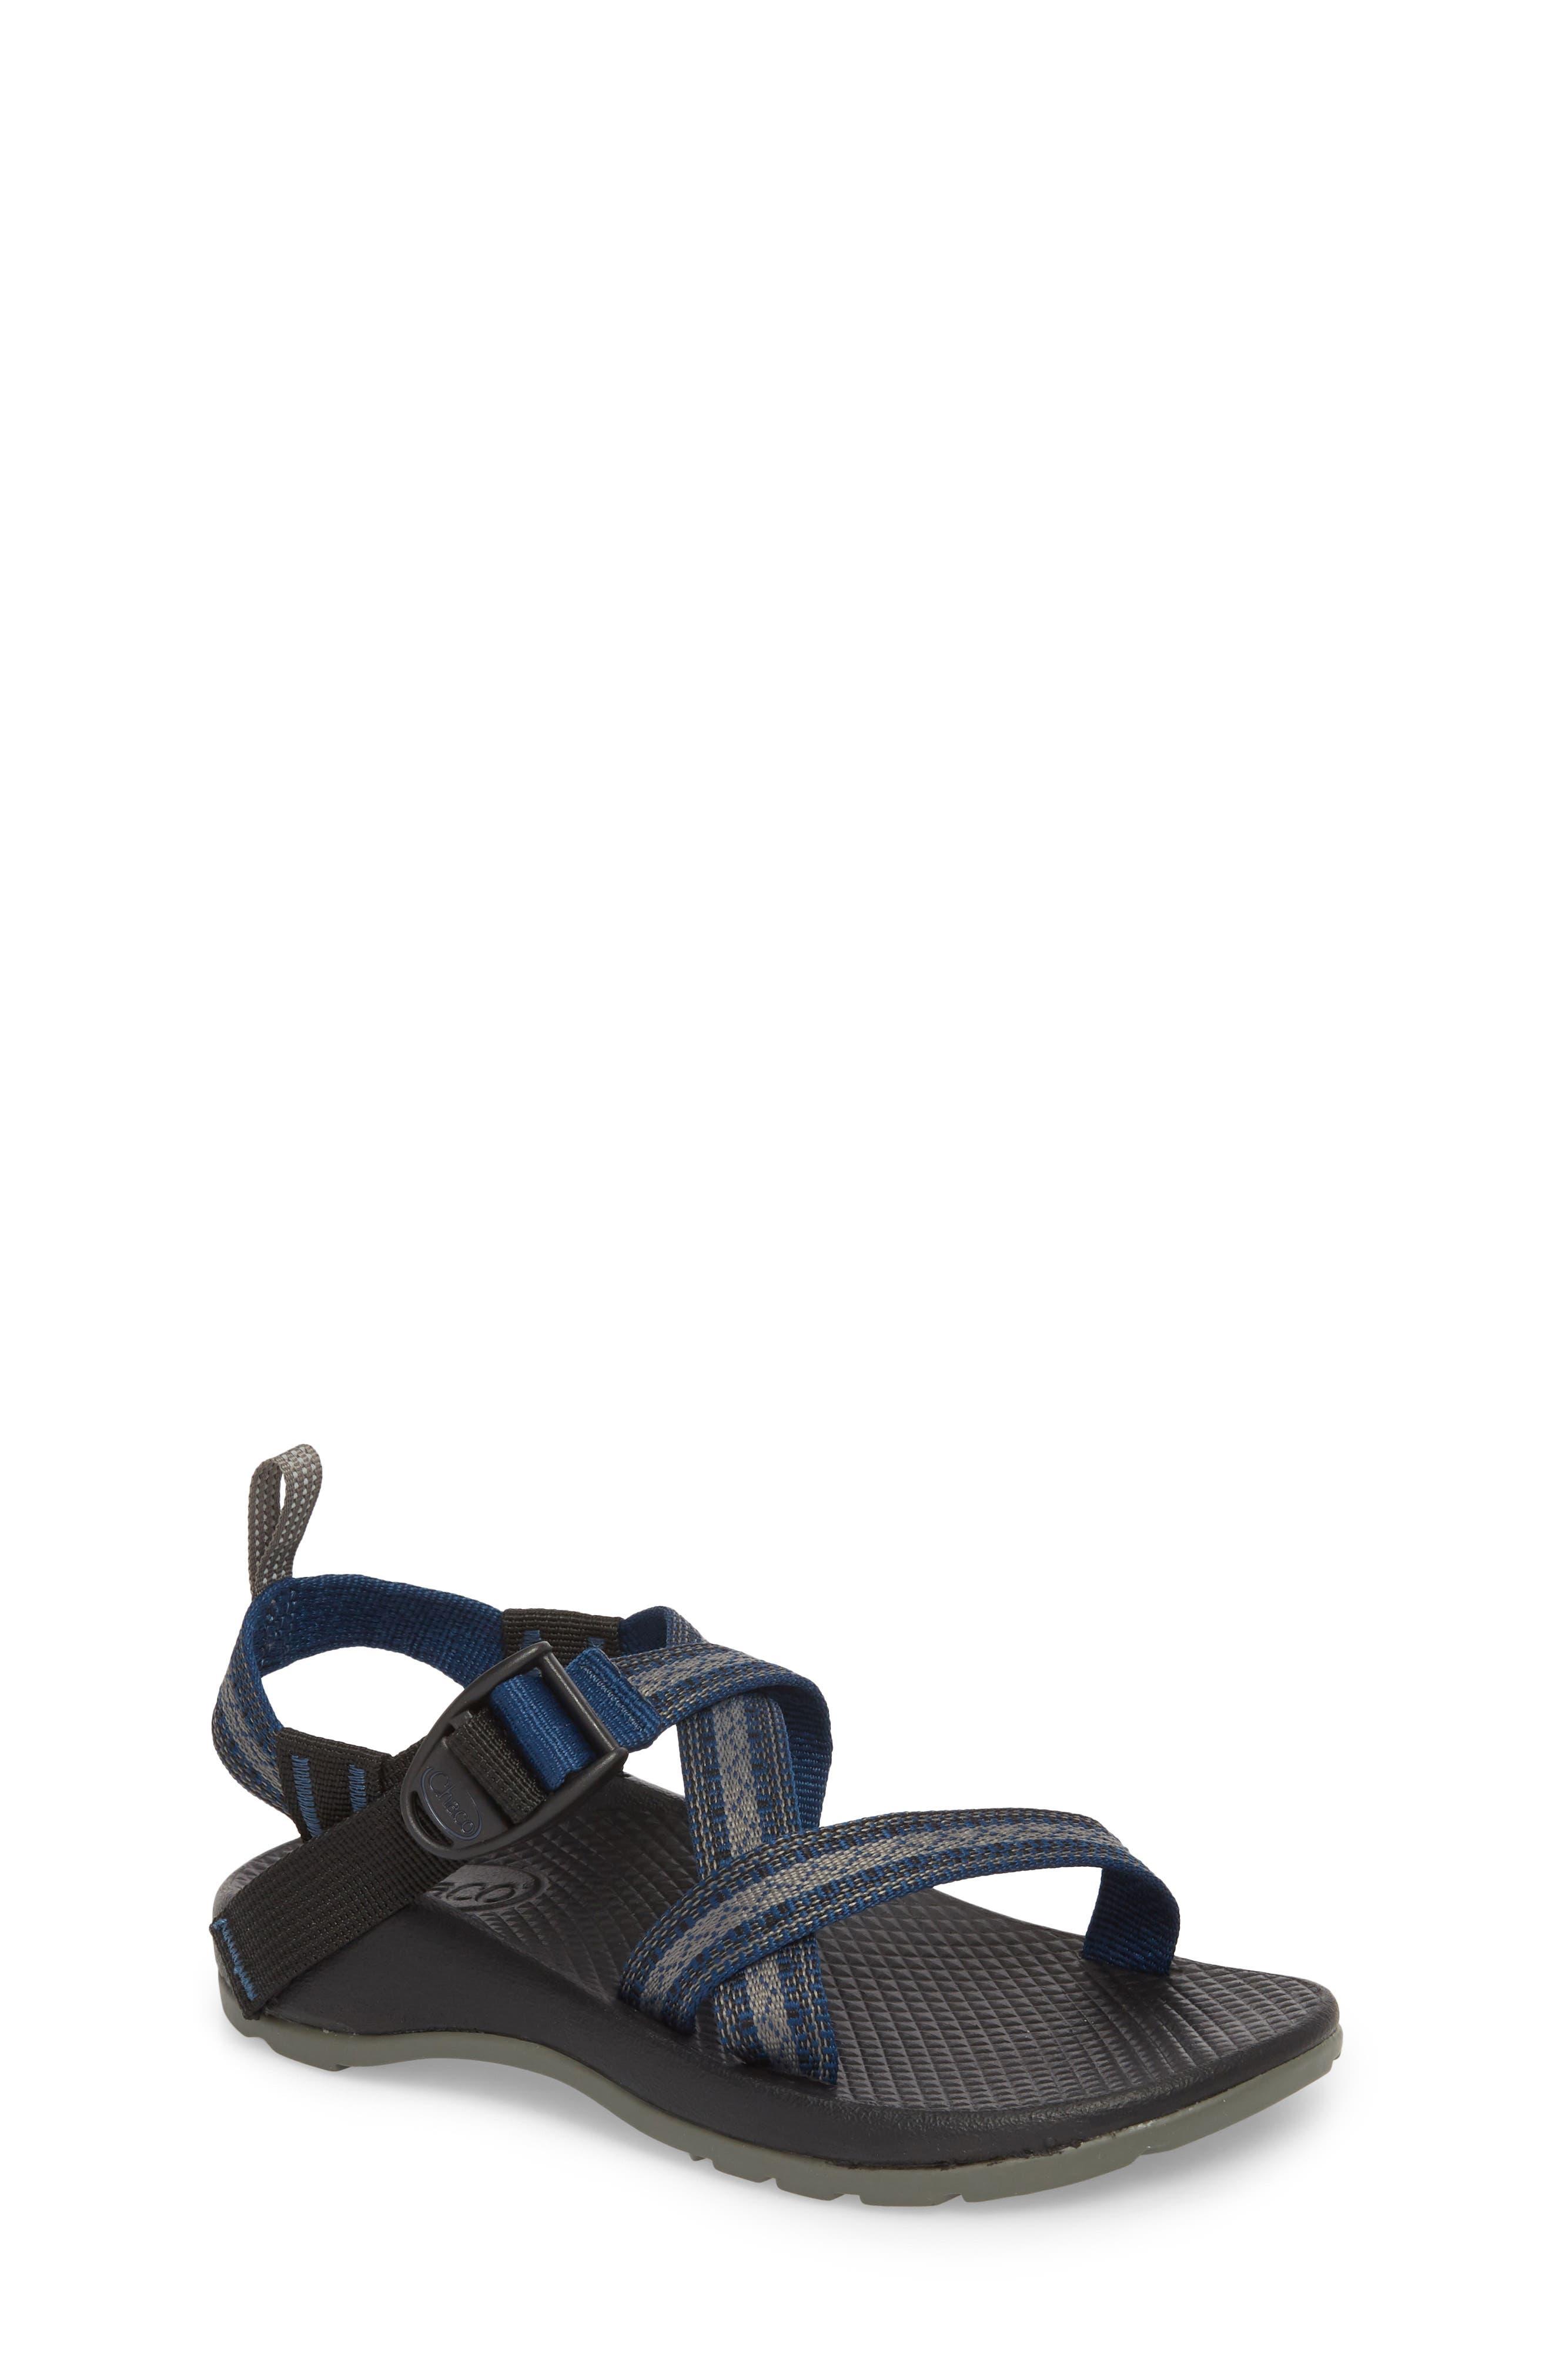 Z/1 Sport Sandal,                         Main,                         color, STAKES